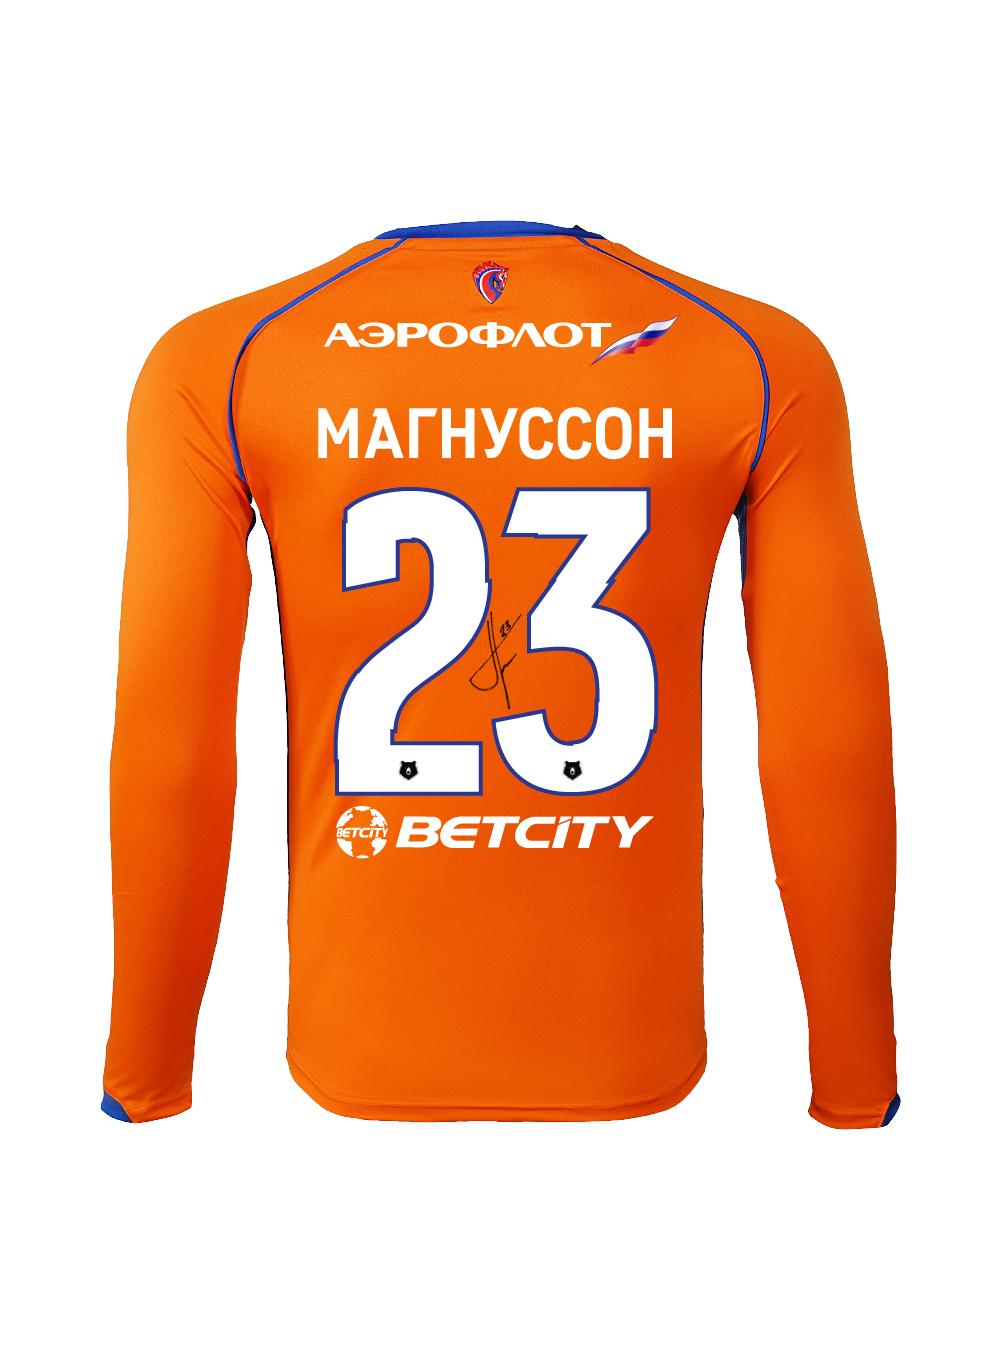 Купить Футболка игровая резервная с длинным рукавом с автографом МАГНУССОНА (XL) по Нижнему Новгороду